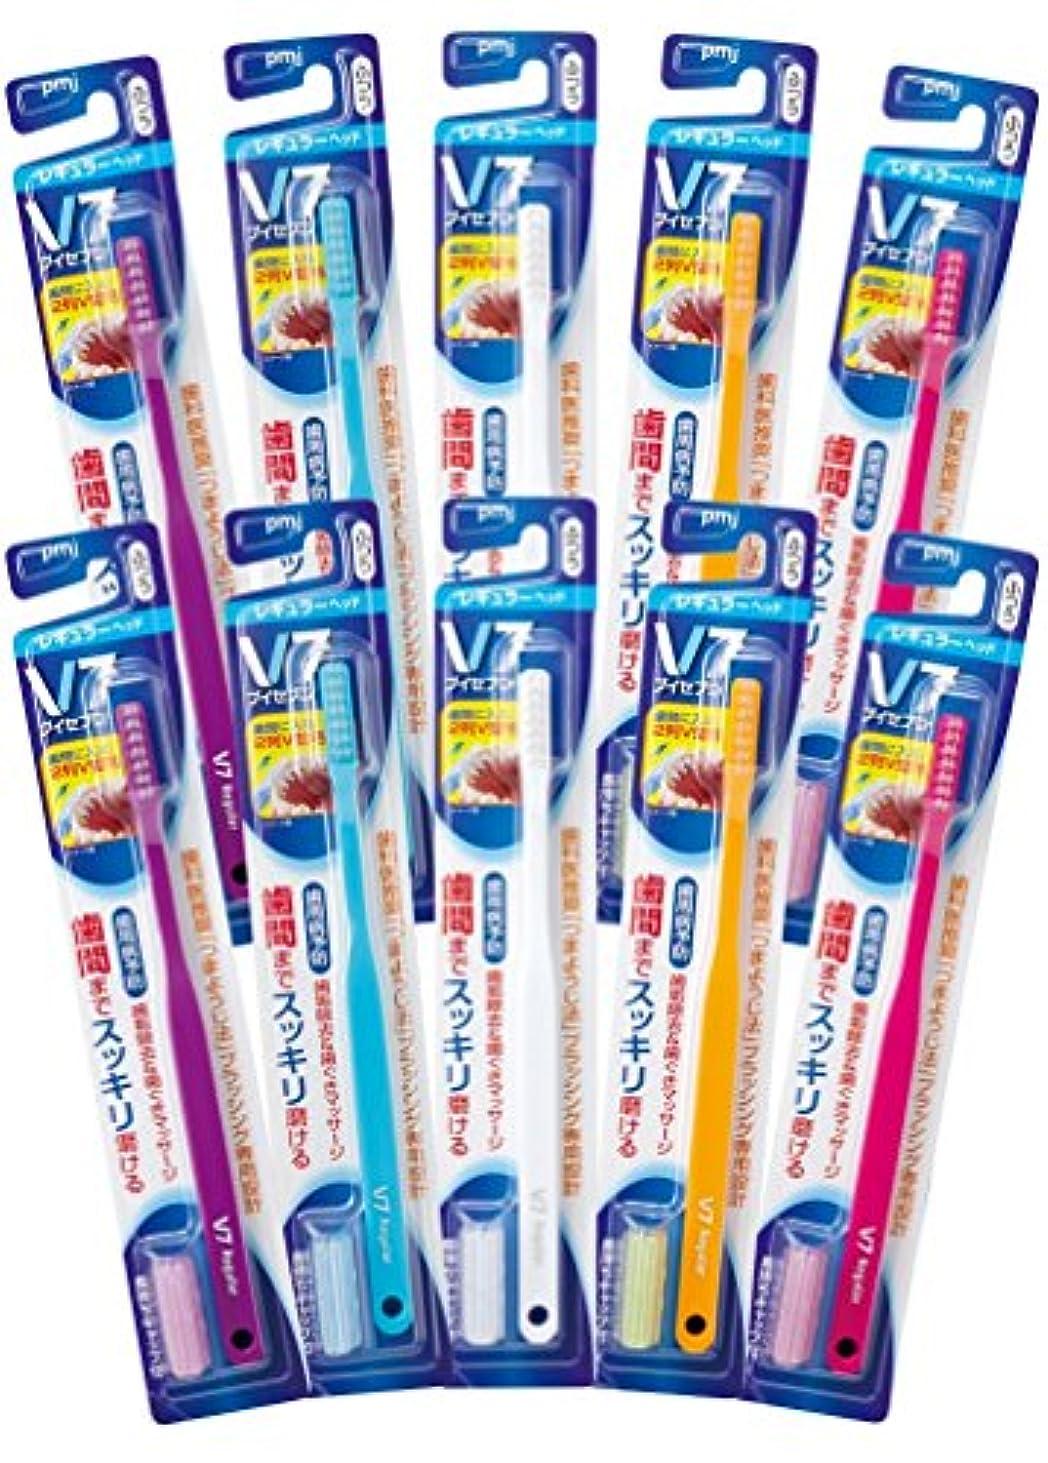 なめるカヌー援助つまようじ法 歯ブラシ V-7 レギュラーヘッド ブリスター 10本入